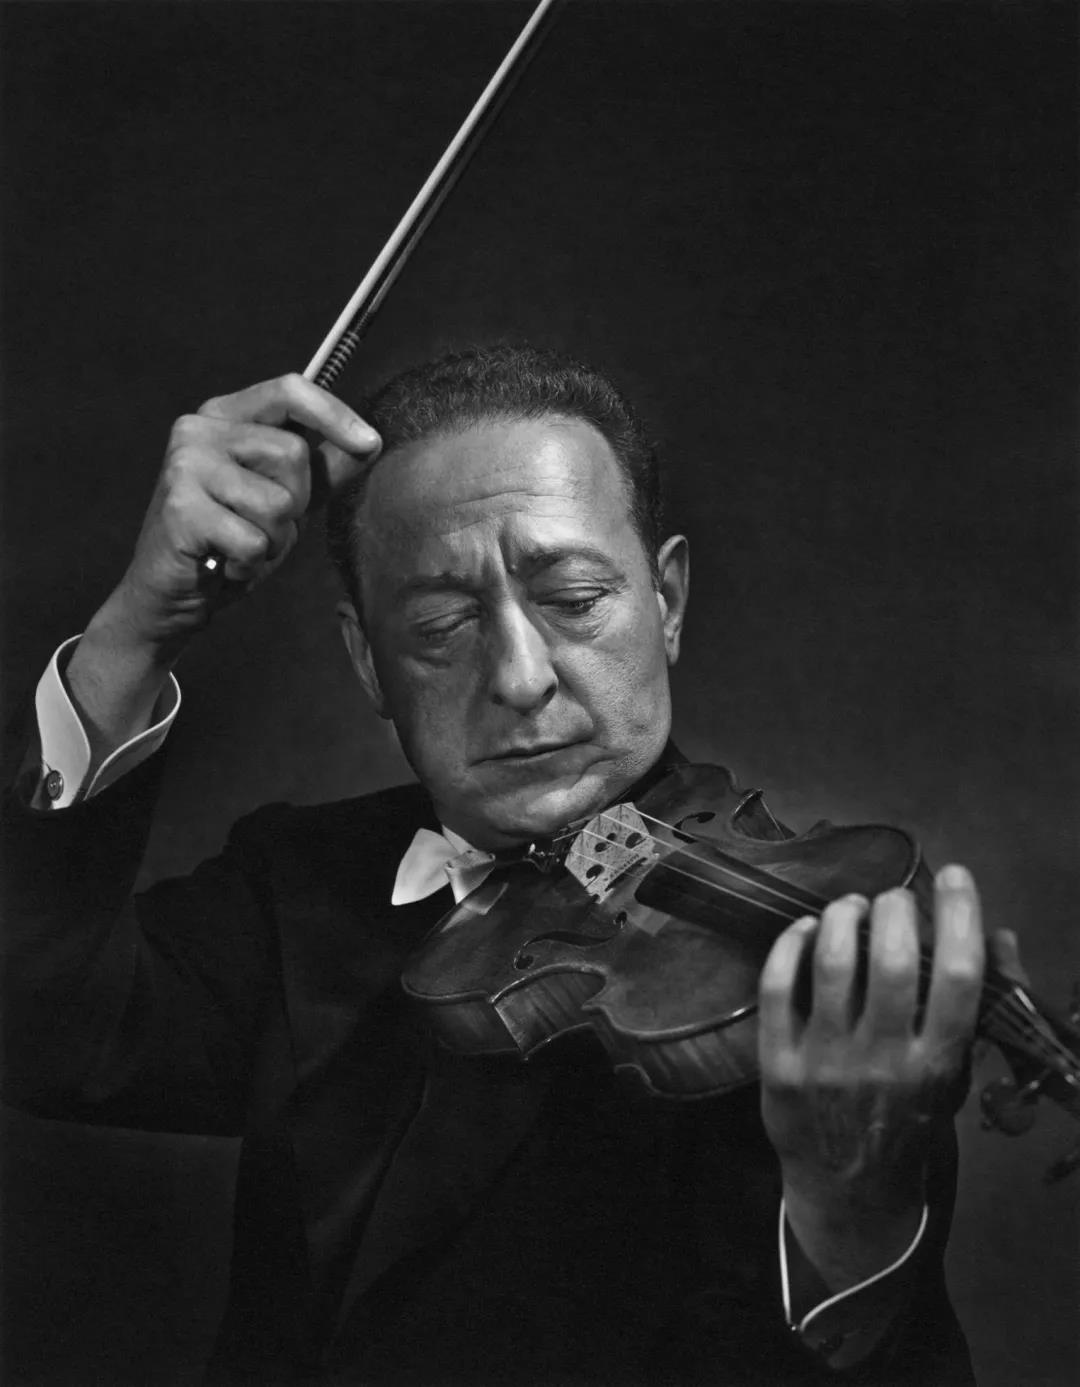 小提琴演奏家雅沙·海菲兹